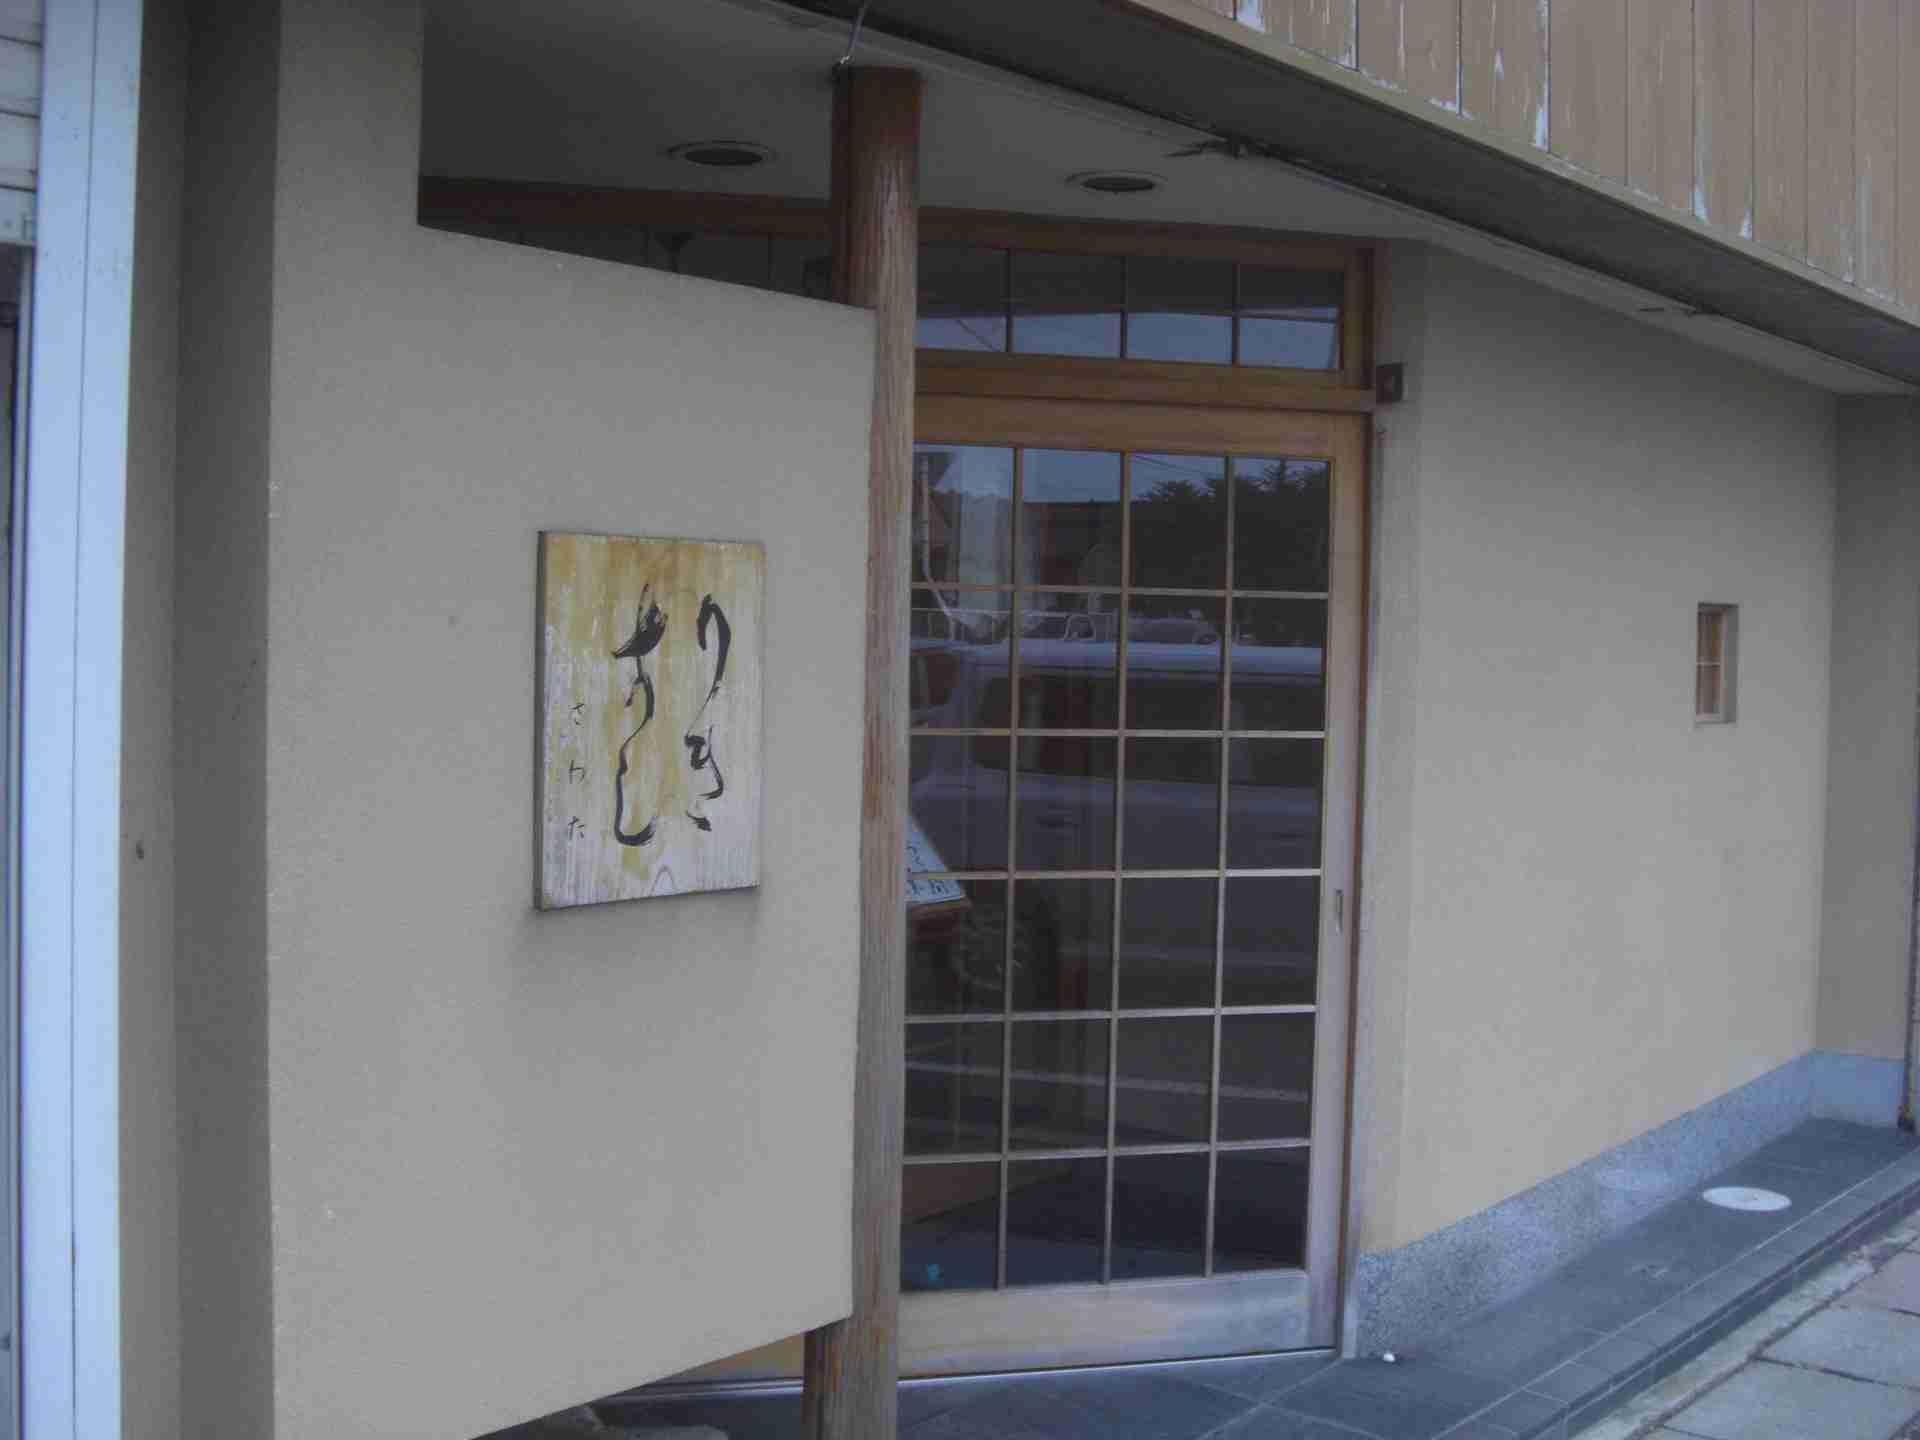 佐渡で美味しい御寿司屋さんは?と問われたら    投稿者:佐渡の翼 - 佐渡の翼